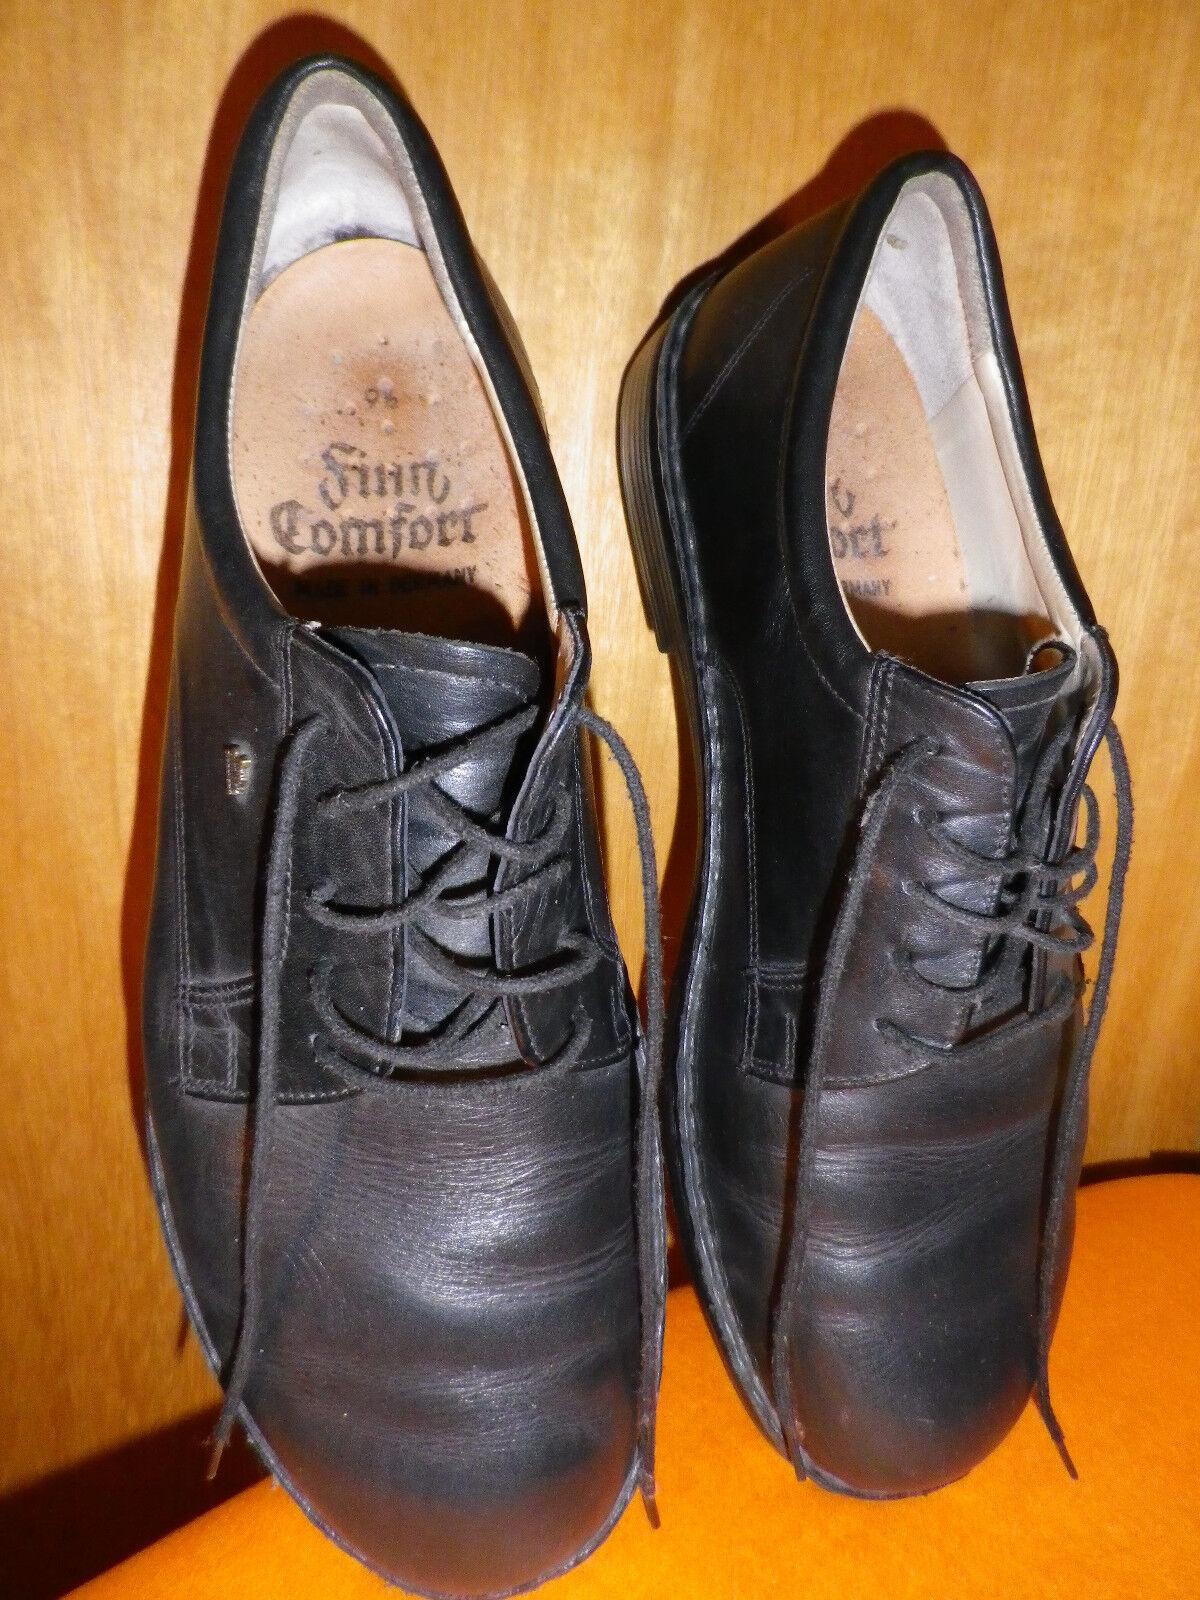 Finn Comfort Herrenschuhe Gr. 9 1 2 schwarz 0522514 1 Leder Qualitätsschuhe